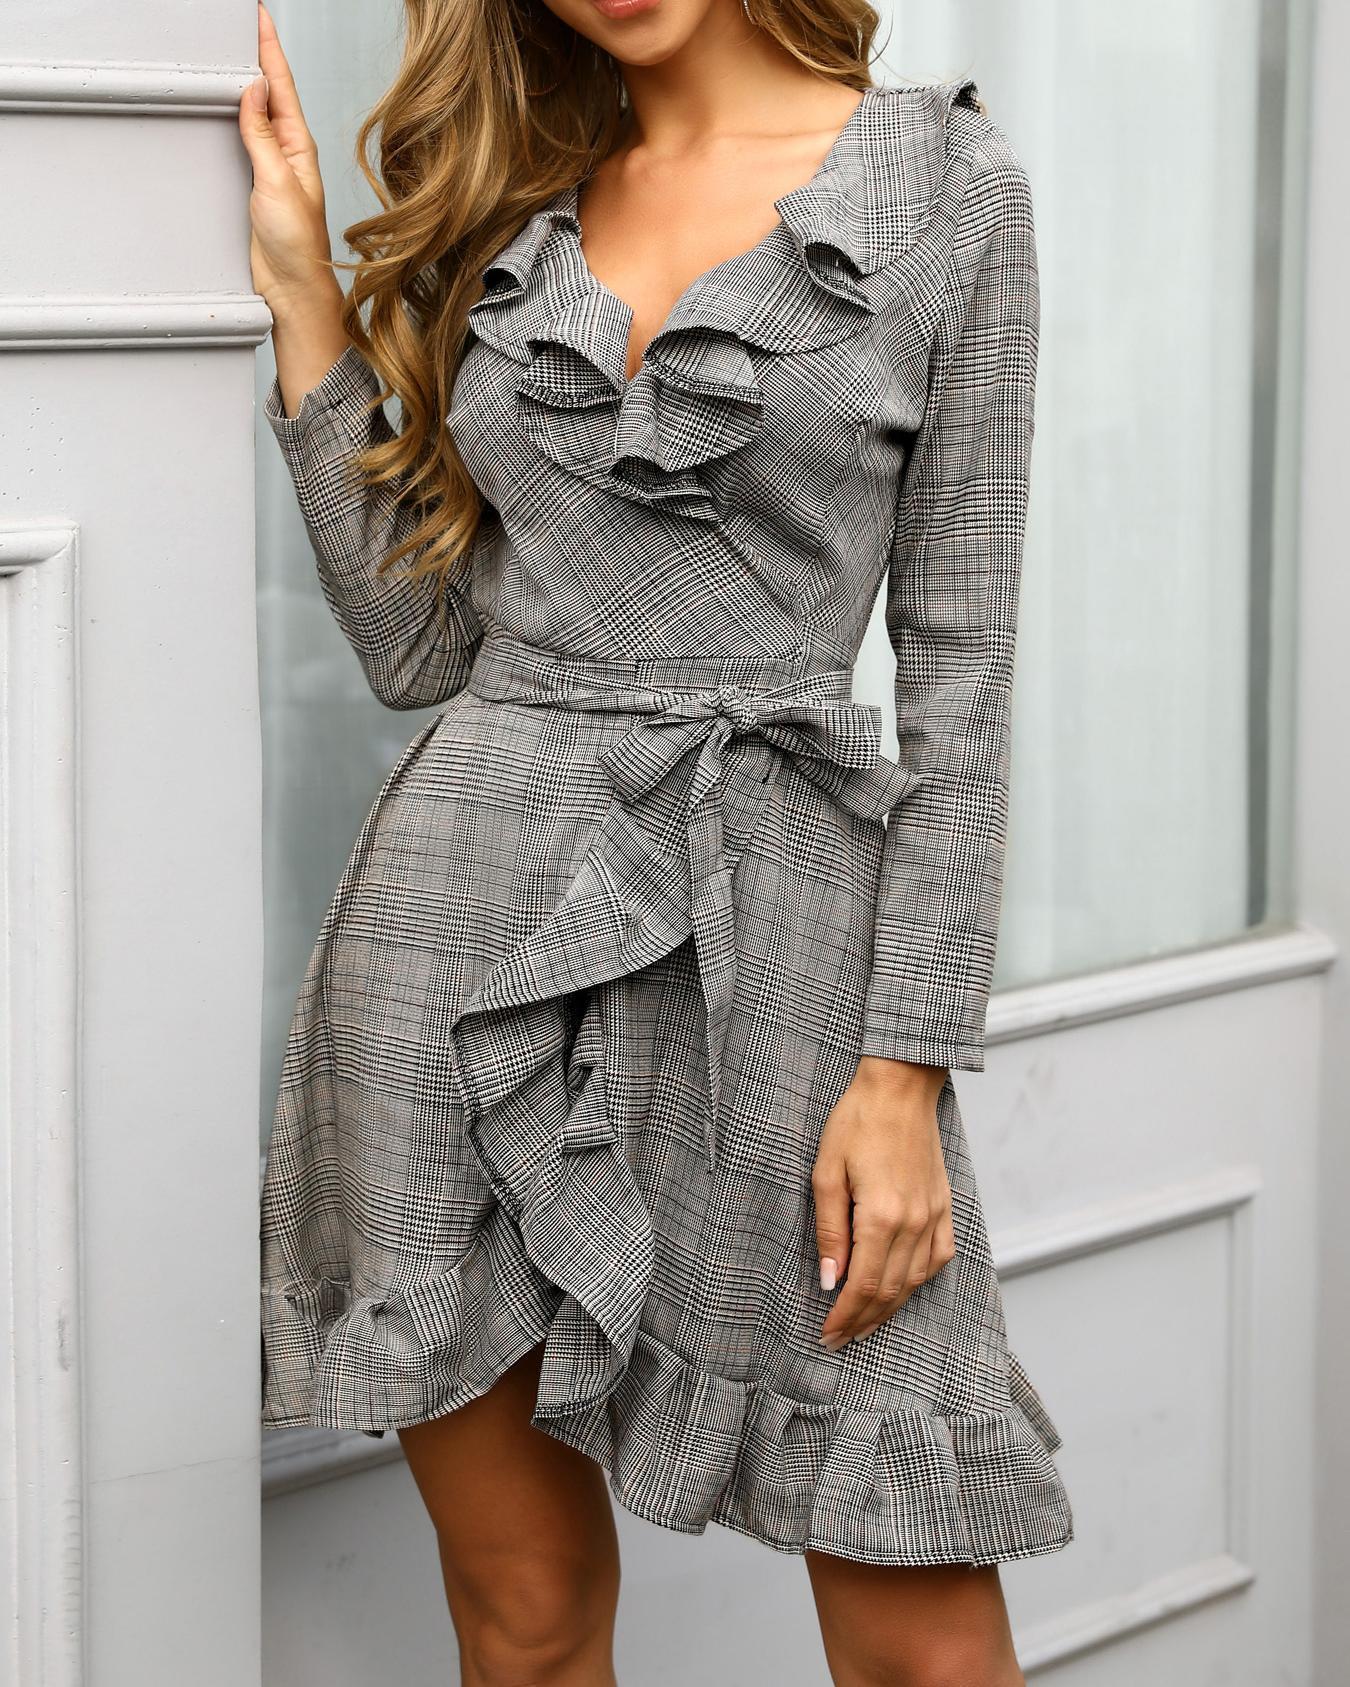 Plaid Print Ruffle Trim Tie Waist Wrap Dress